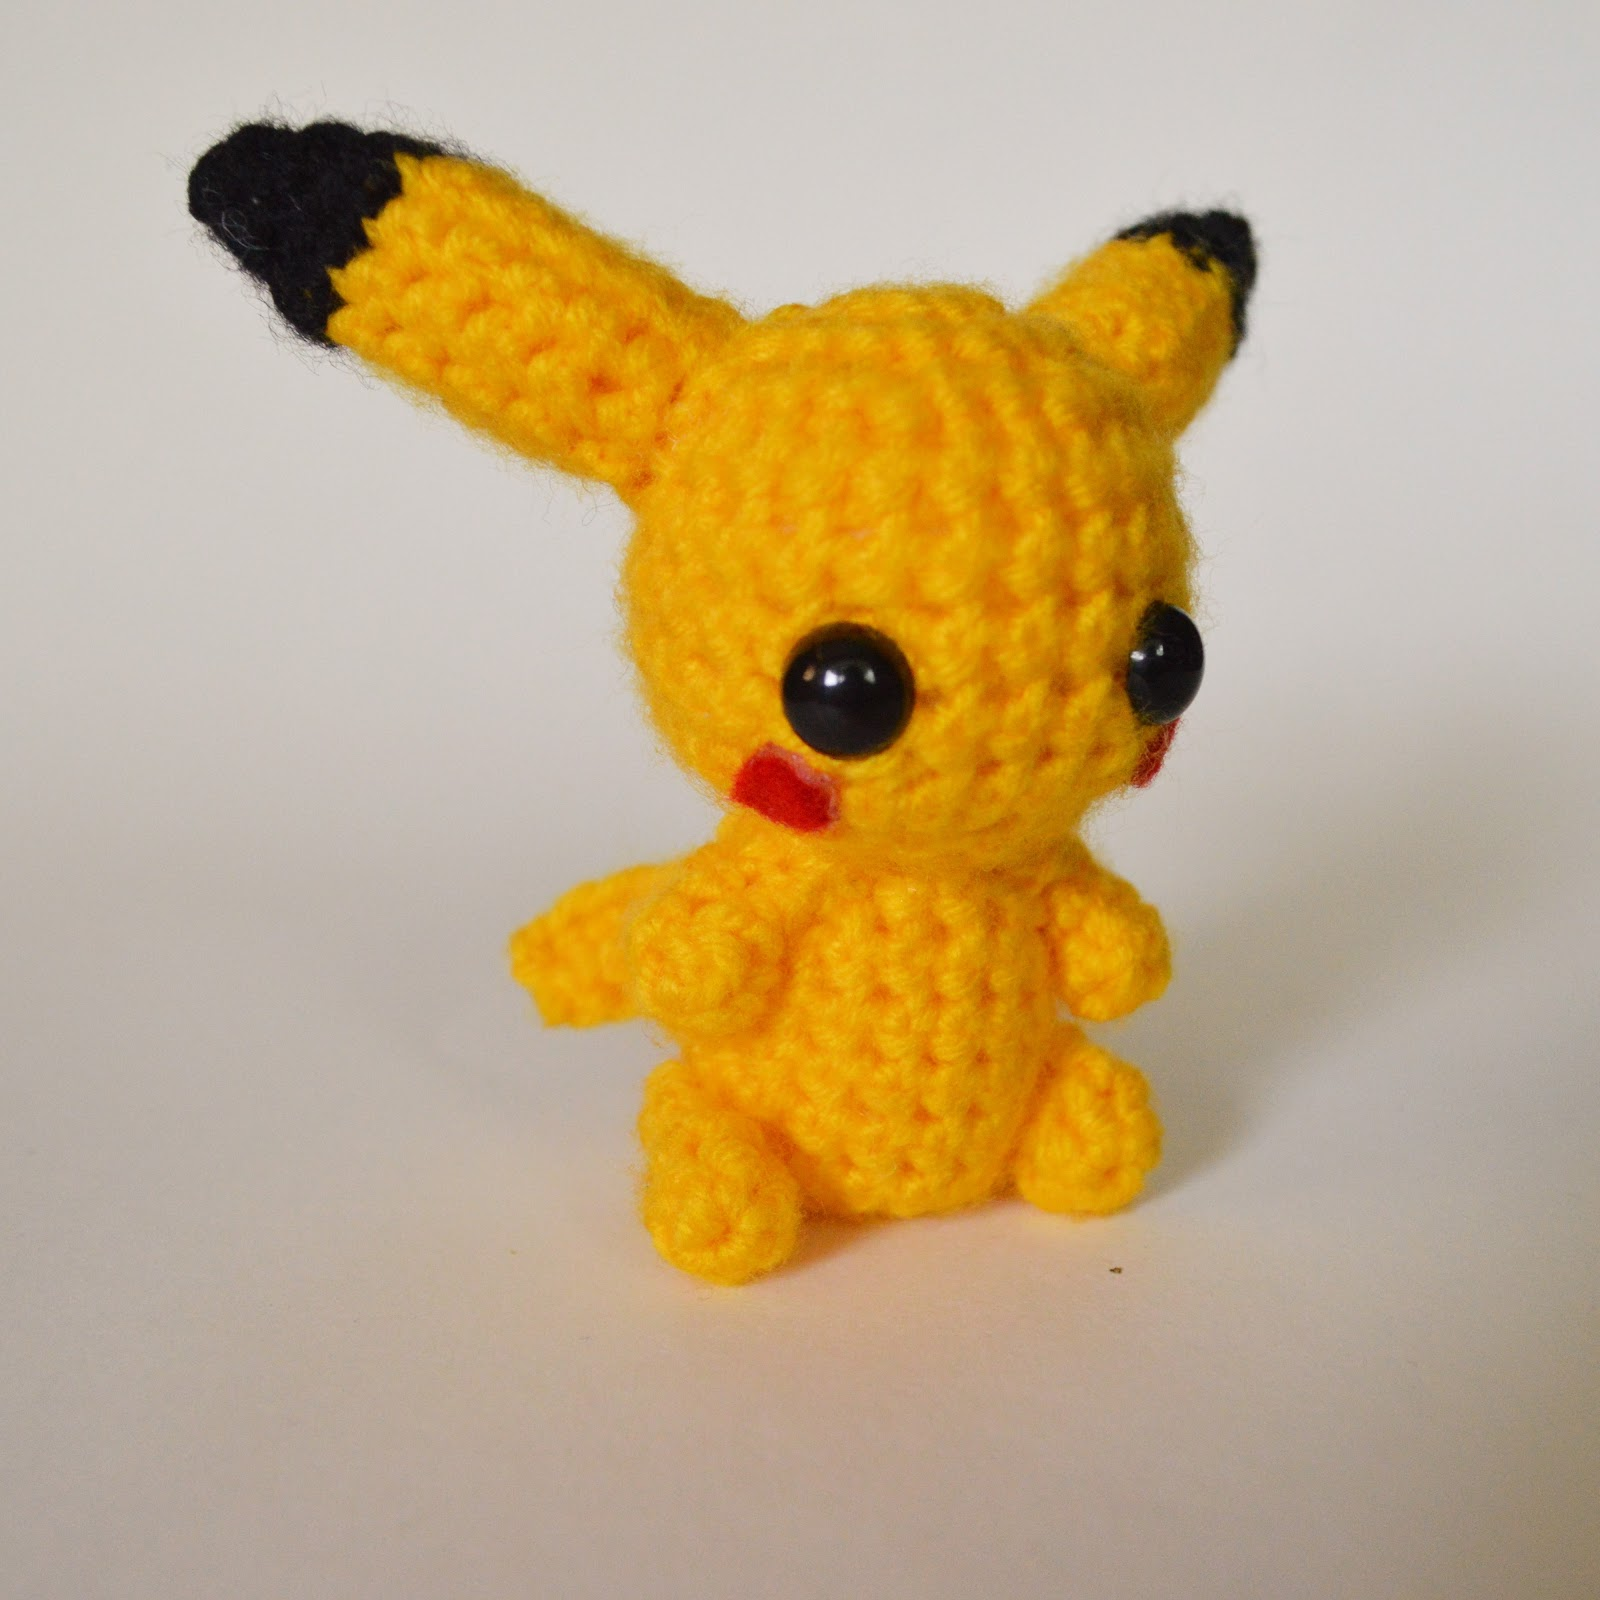 Pikachu! - LoopTeeLoops